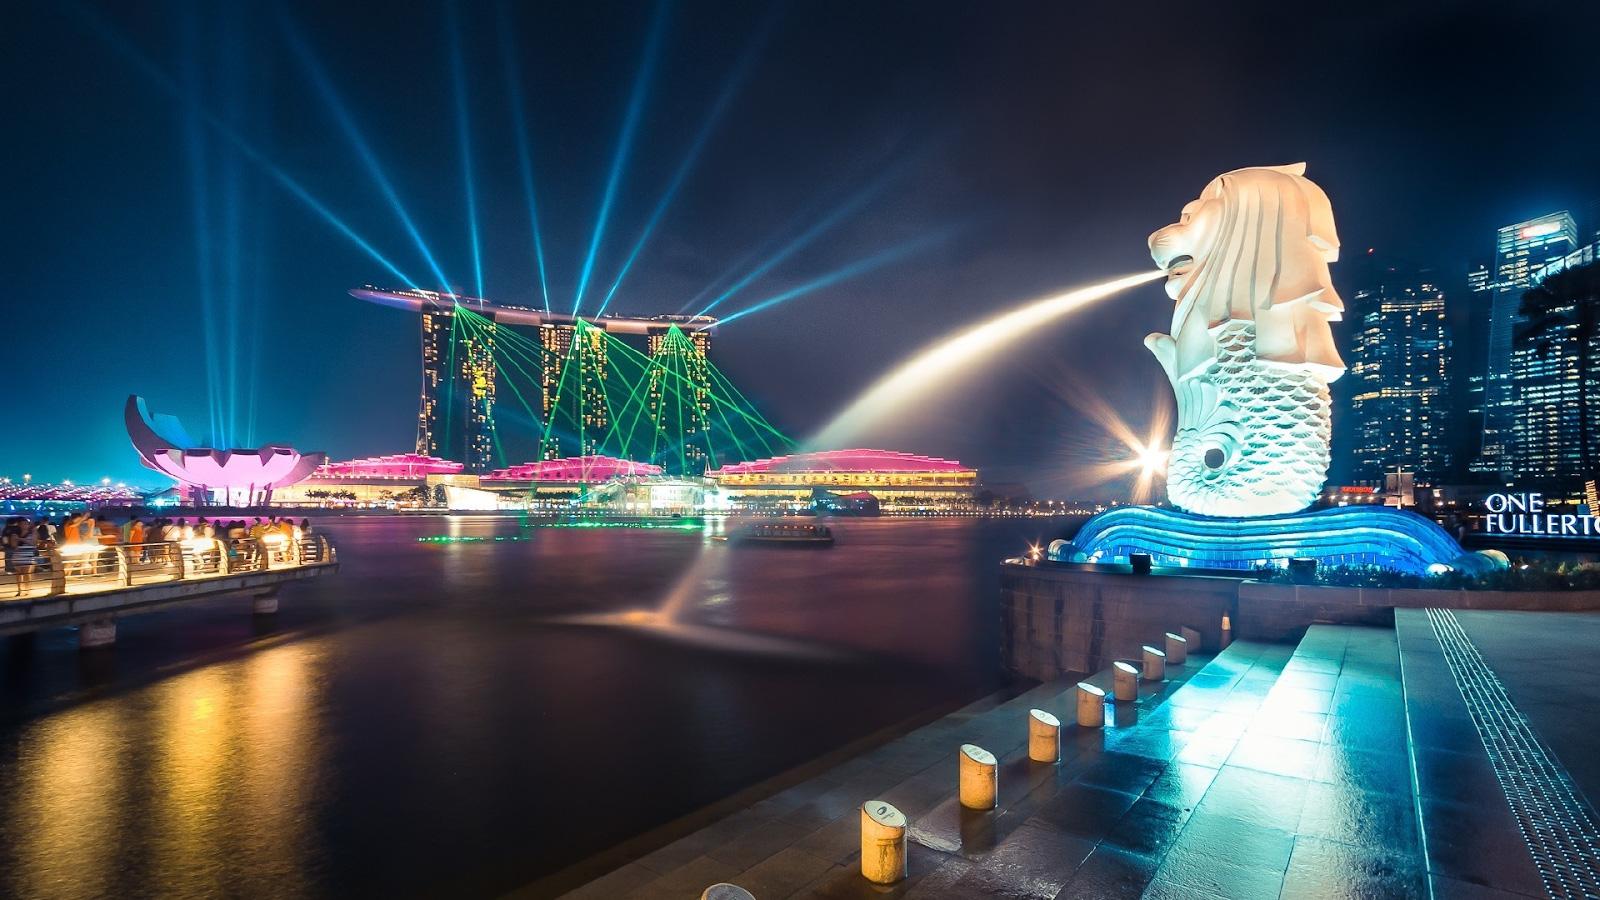 Câu chuyện Singapore: Điều gì đã khiến quốc gia này có hệ thống y tế tốt bậc nhất thế giới với giá rẻ đến vậy? - Ảnh 3.